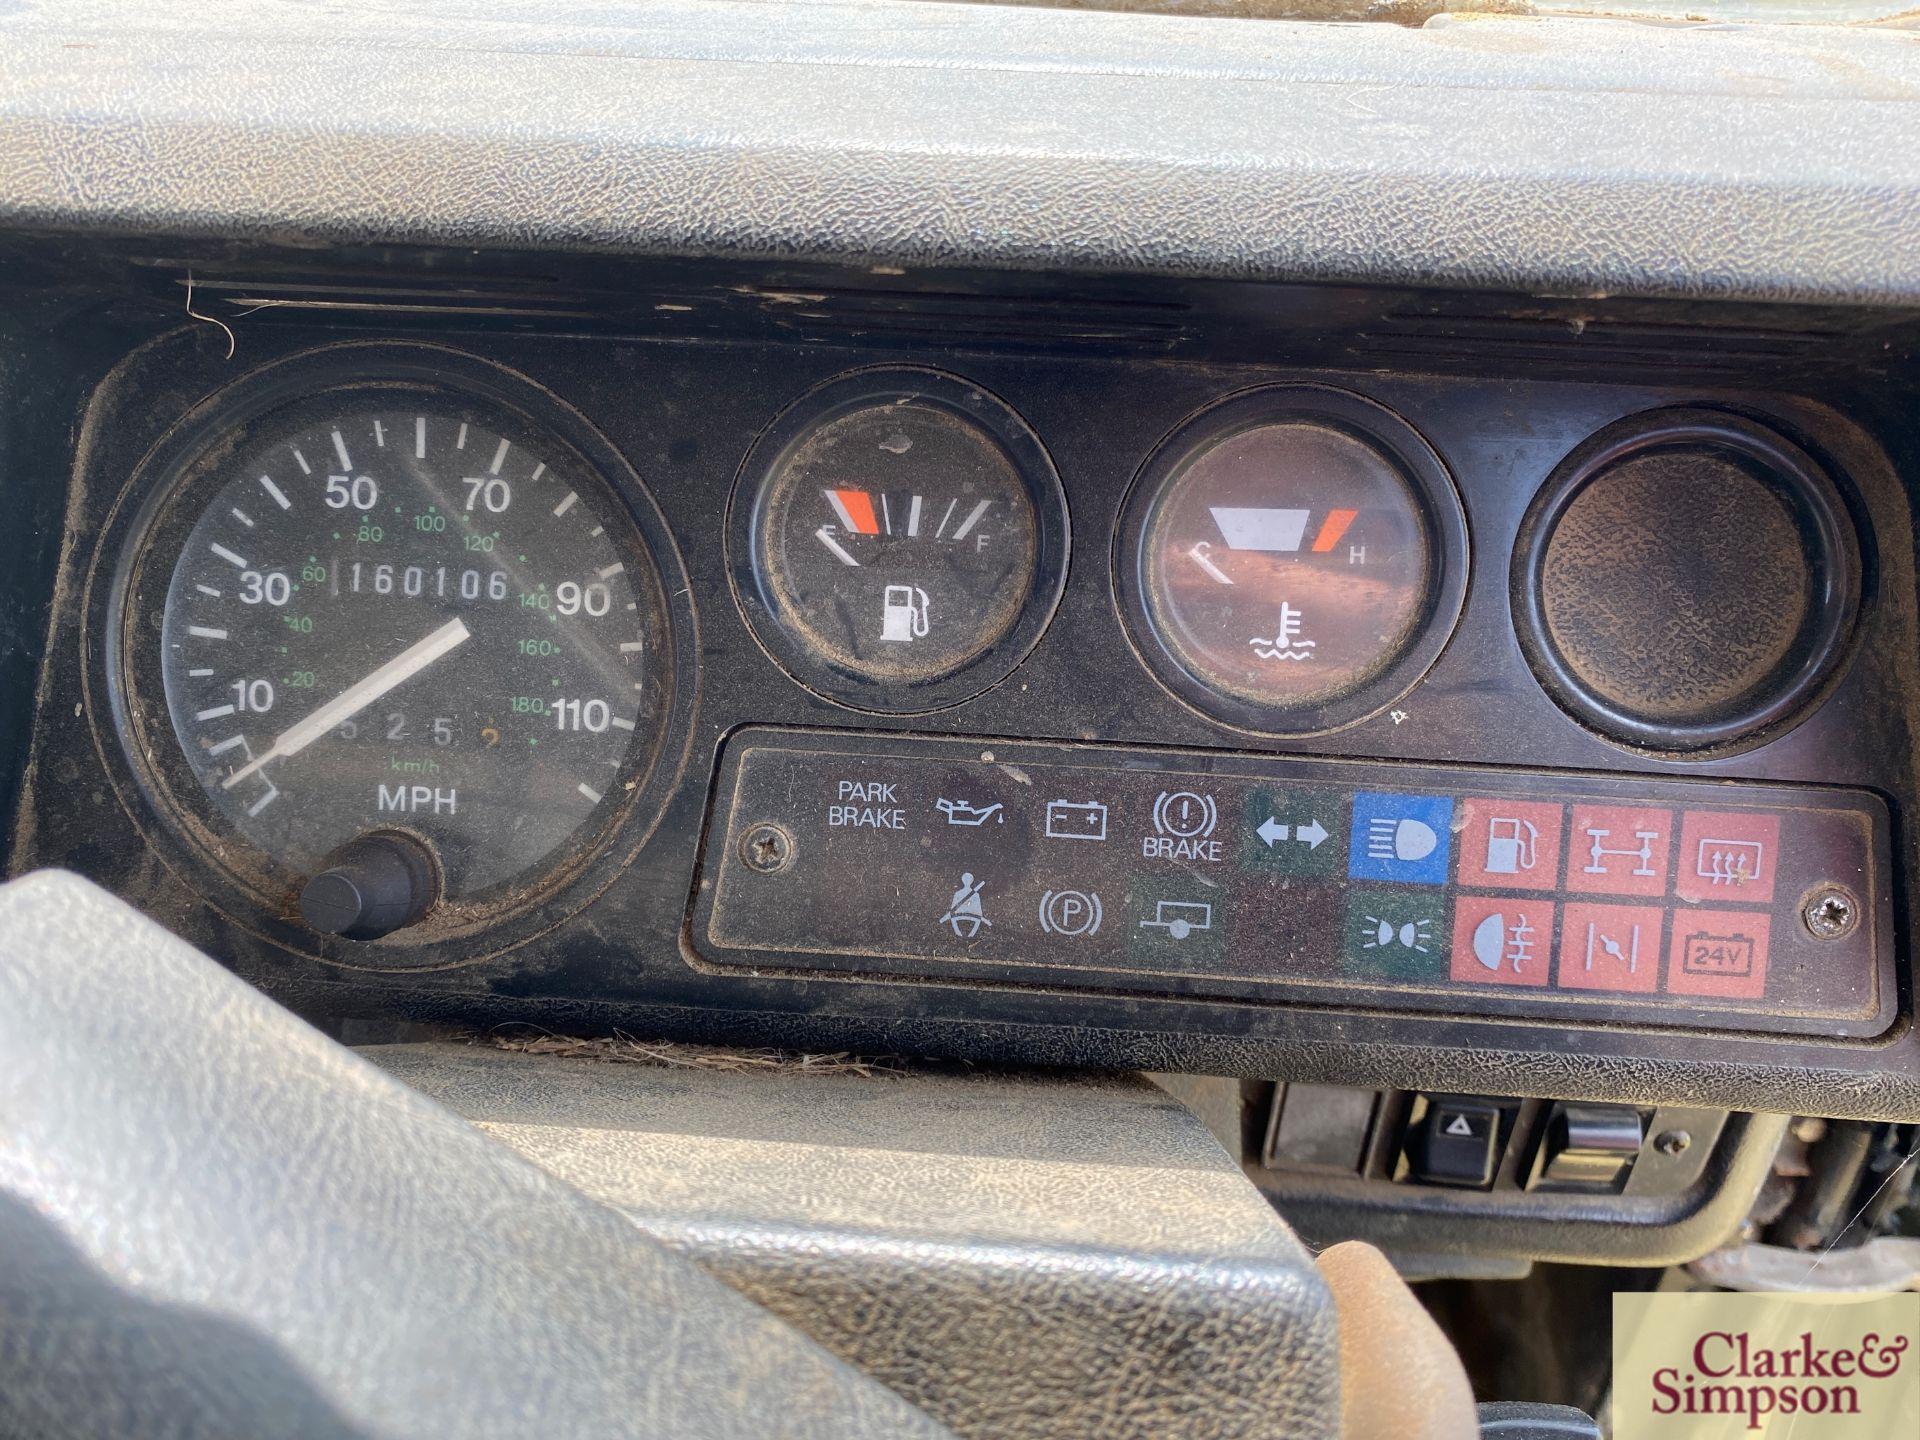 Land Rover Defender 110 single cab pick-up. Registration H317 OHK. Date of first registration 08/ - Image 38 of 56